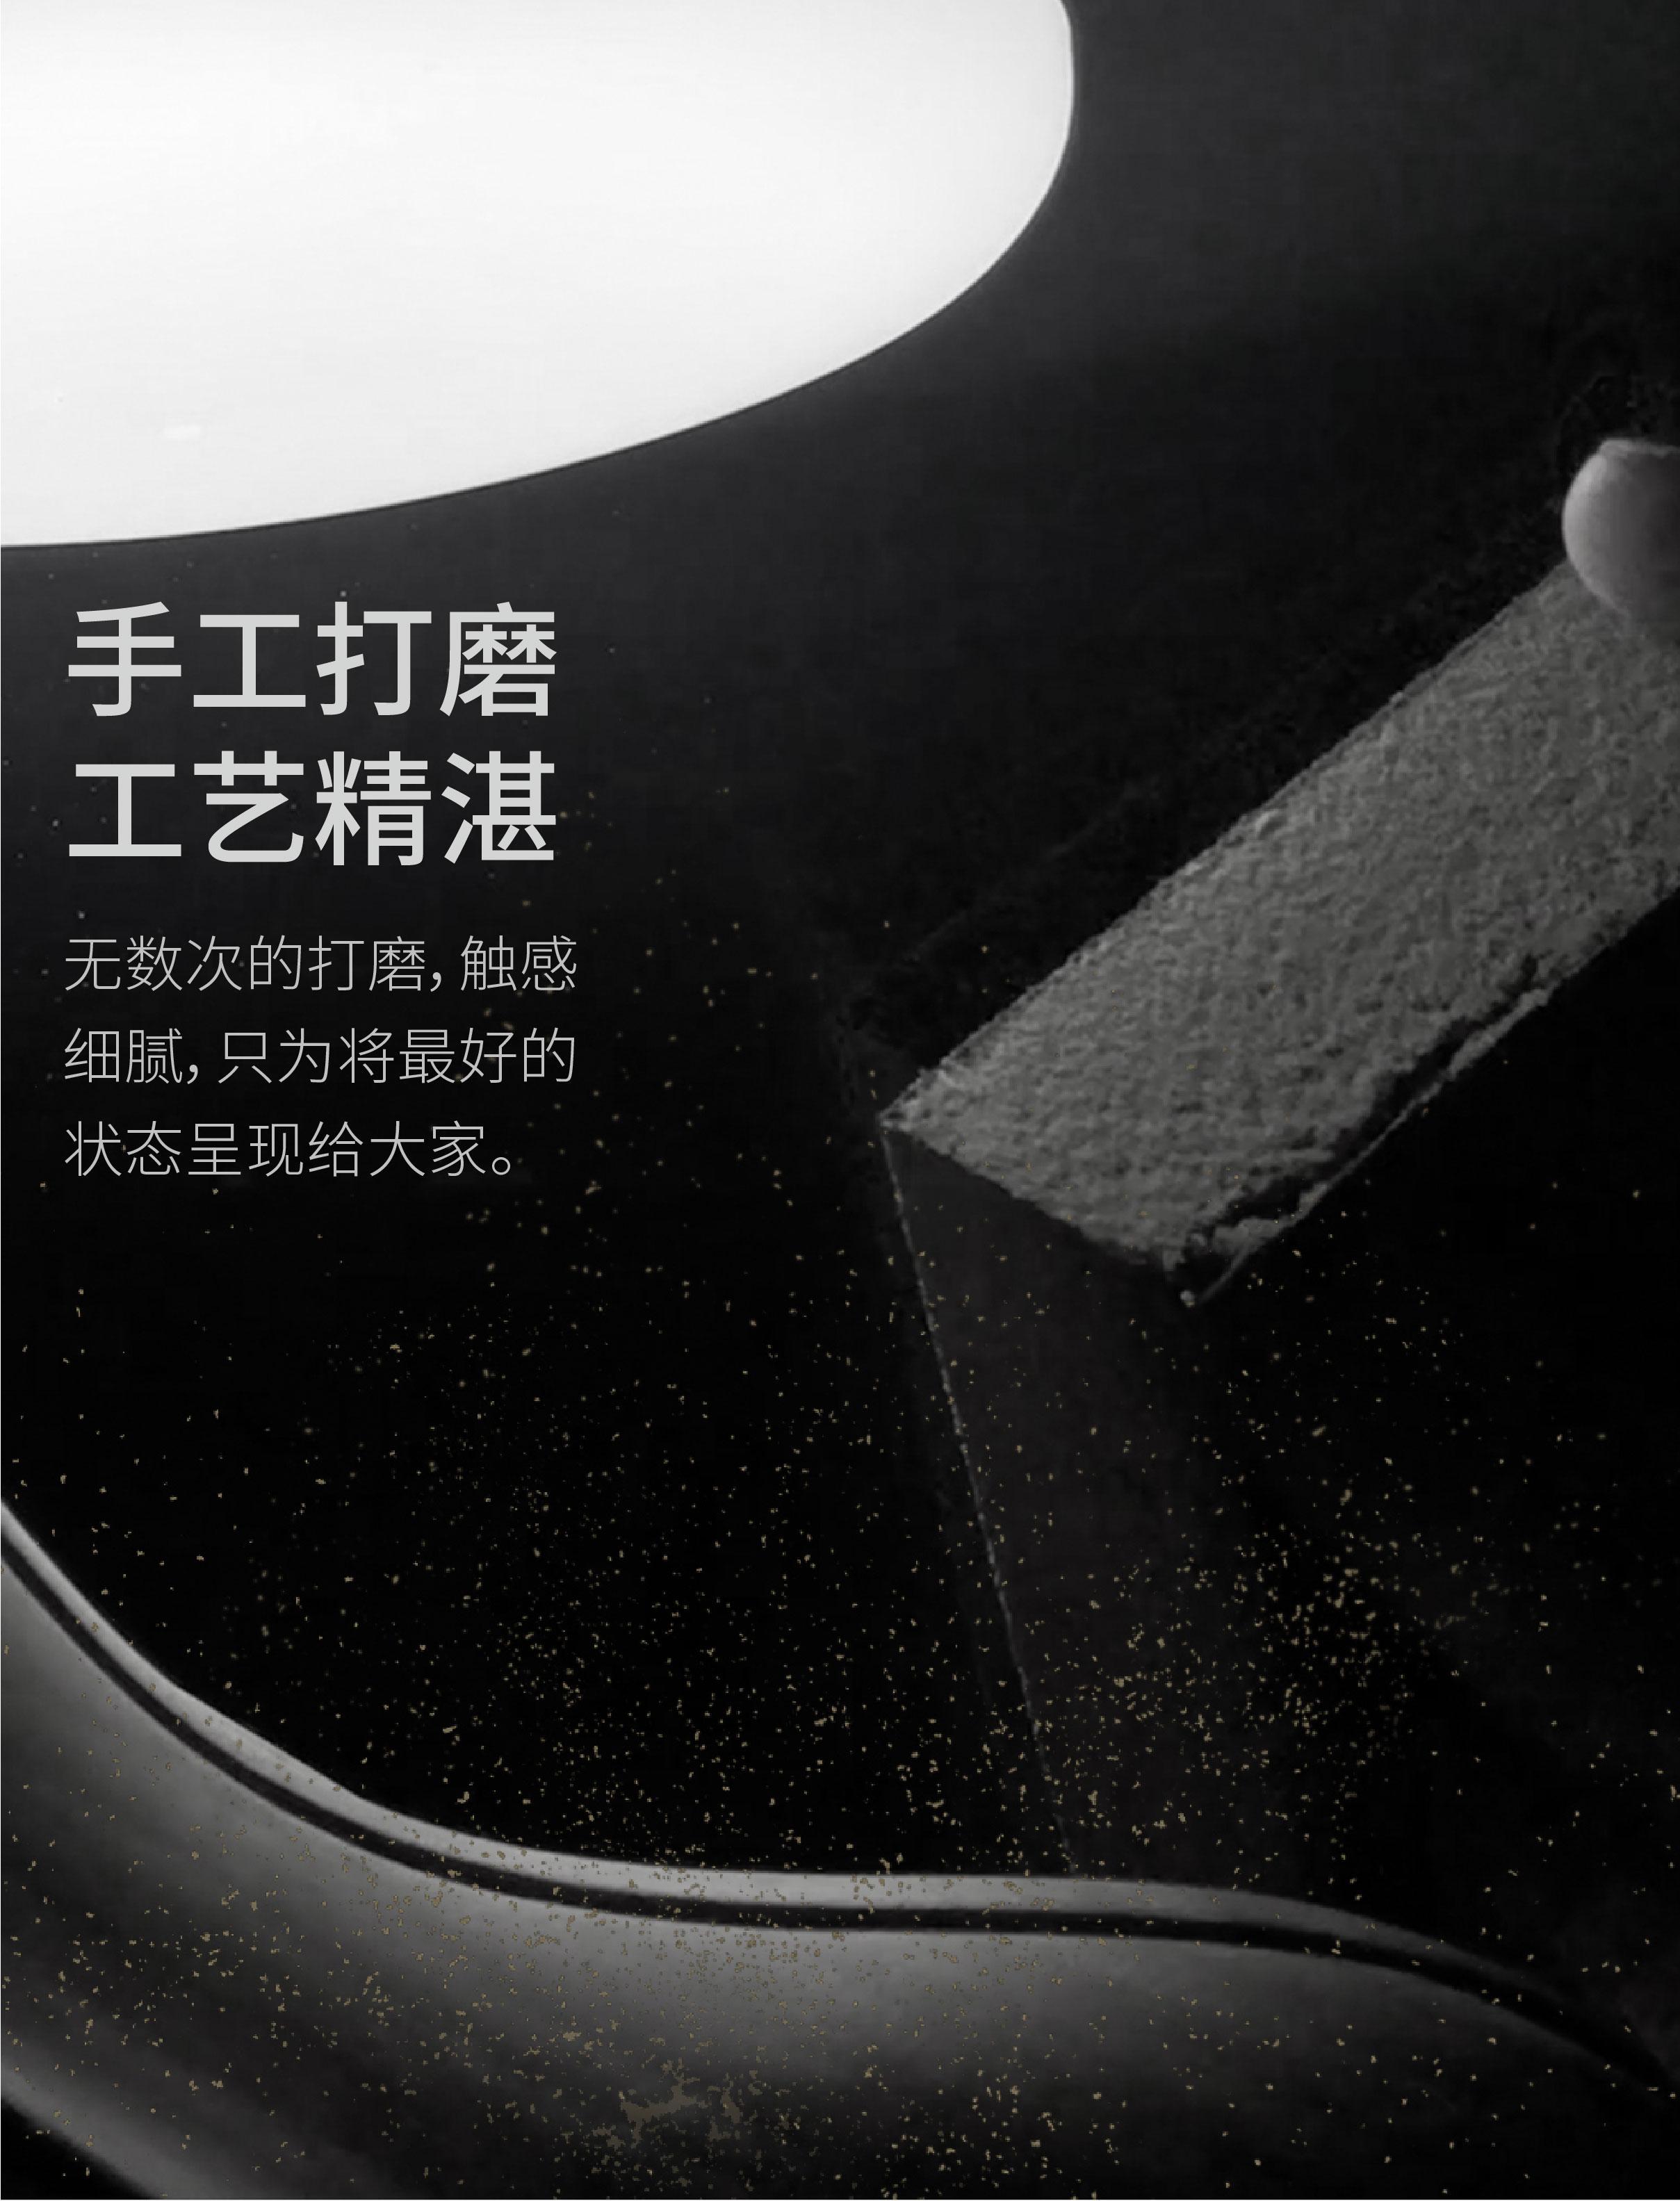 游山详情页面-08.jpg